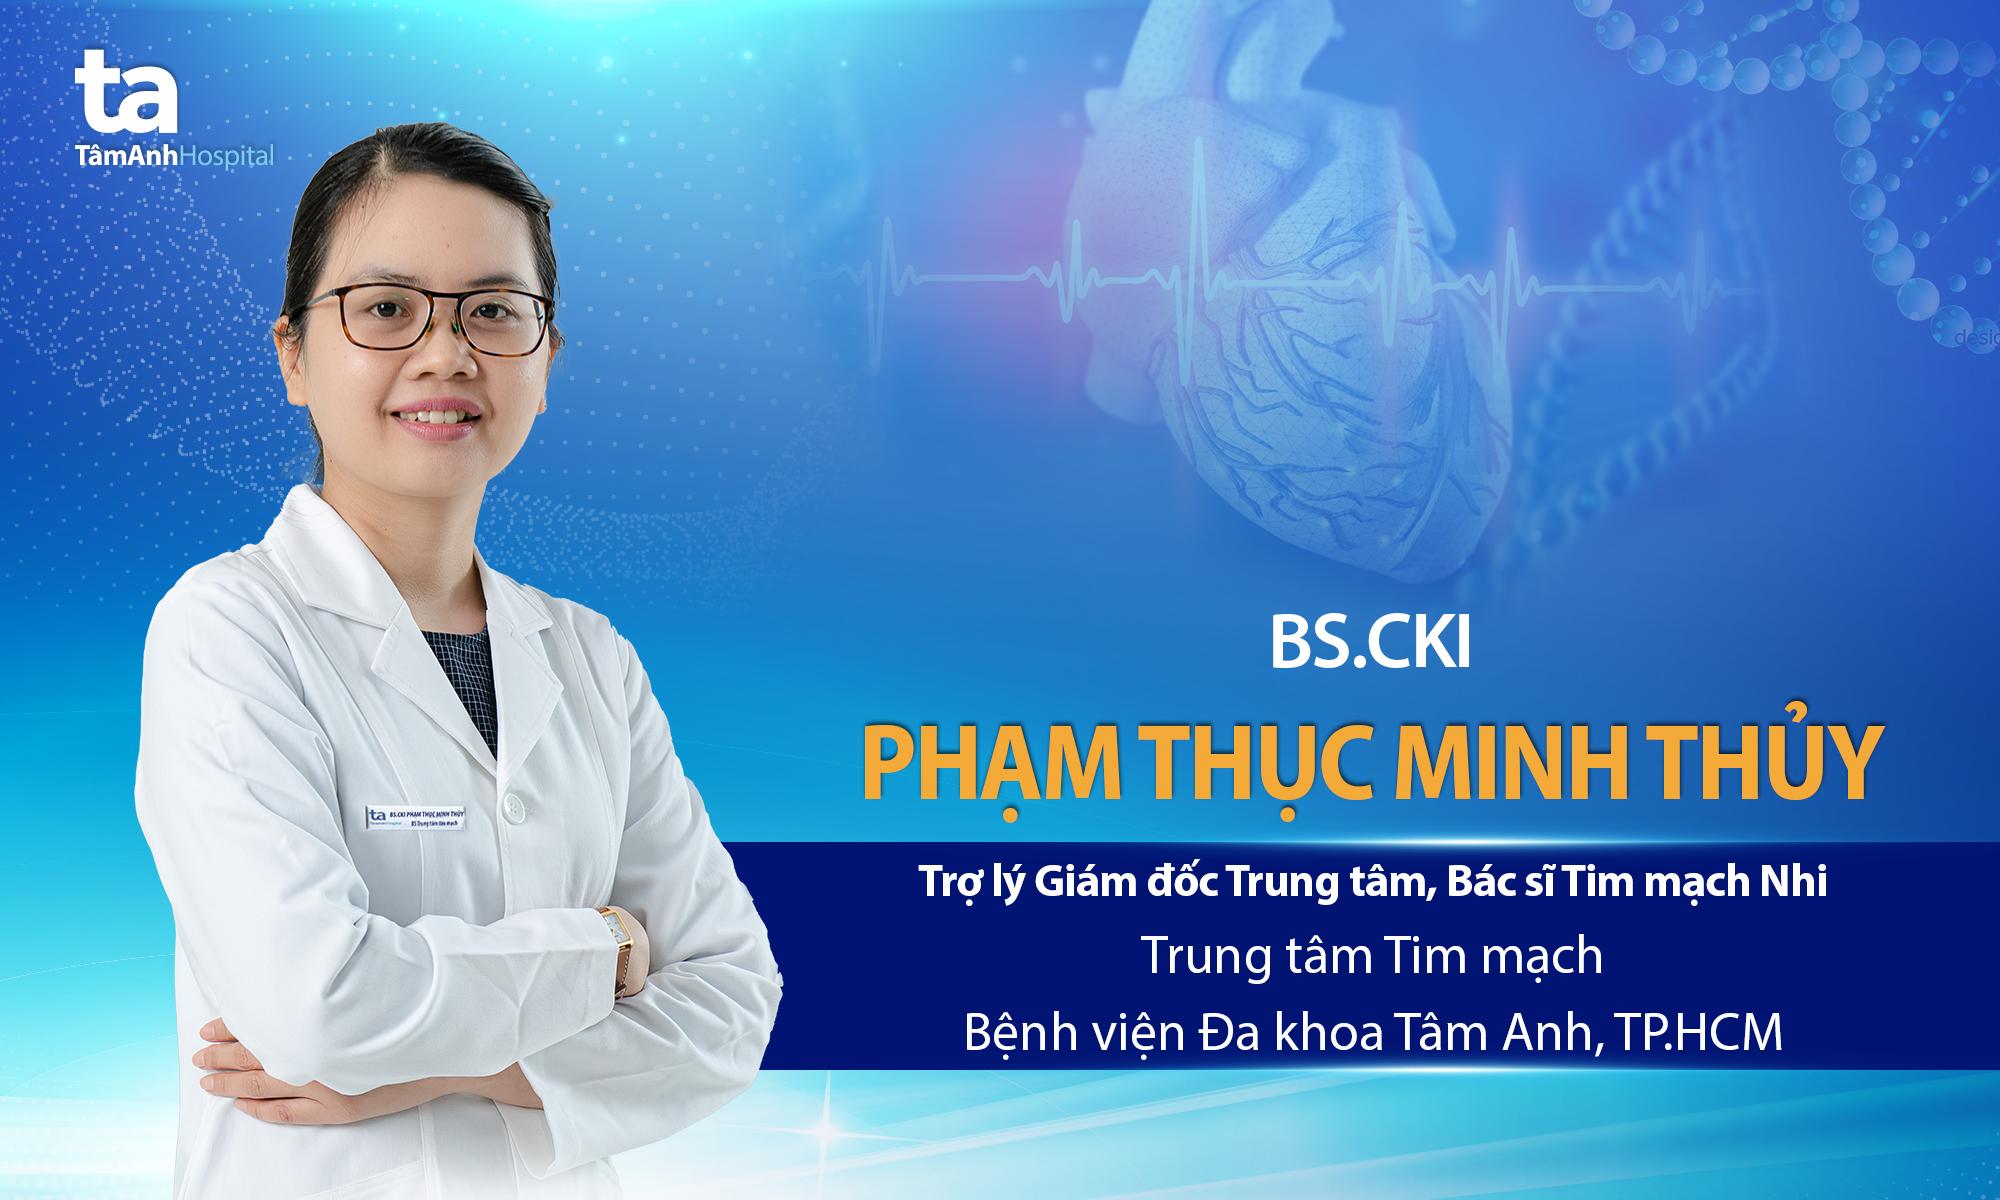 BS.CKI Phạm Thục Minh Thủy